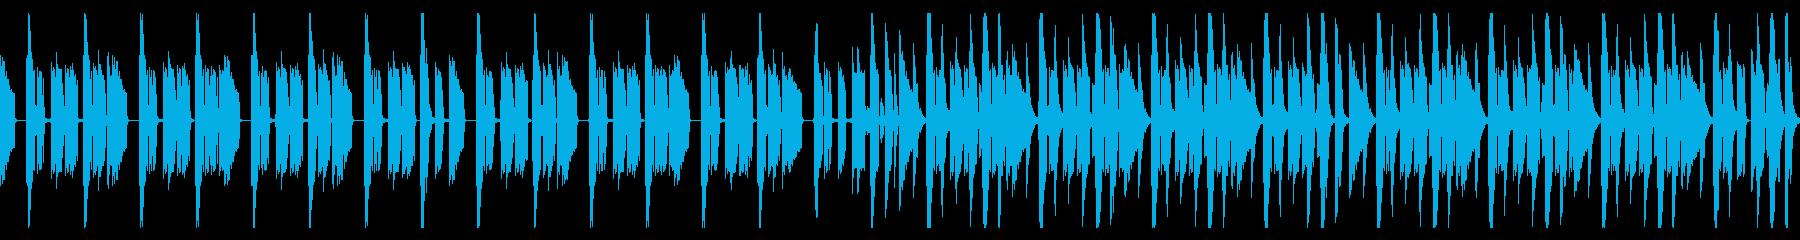 ドラムとベースのシンプルなBGMの再生済みの波形